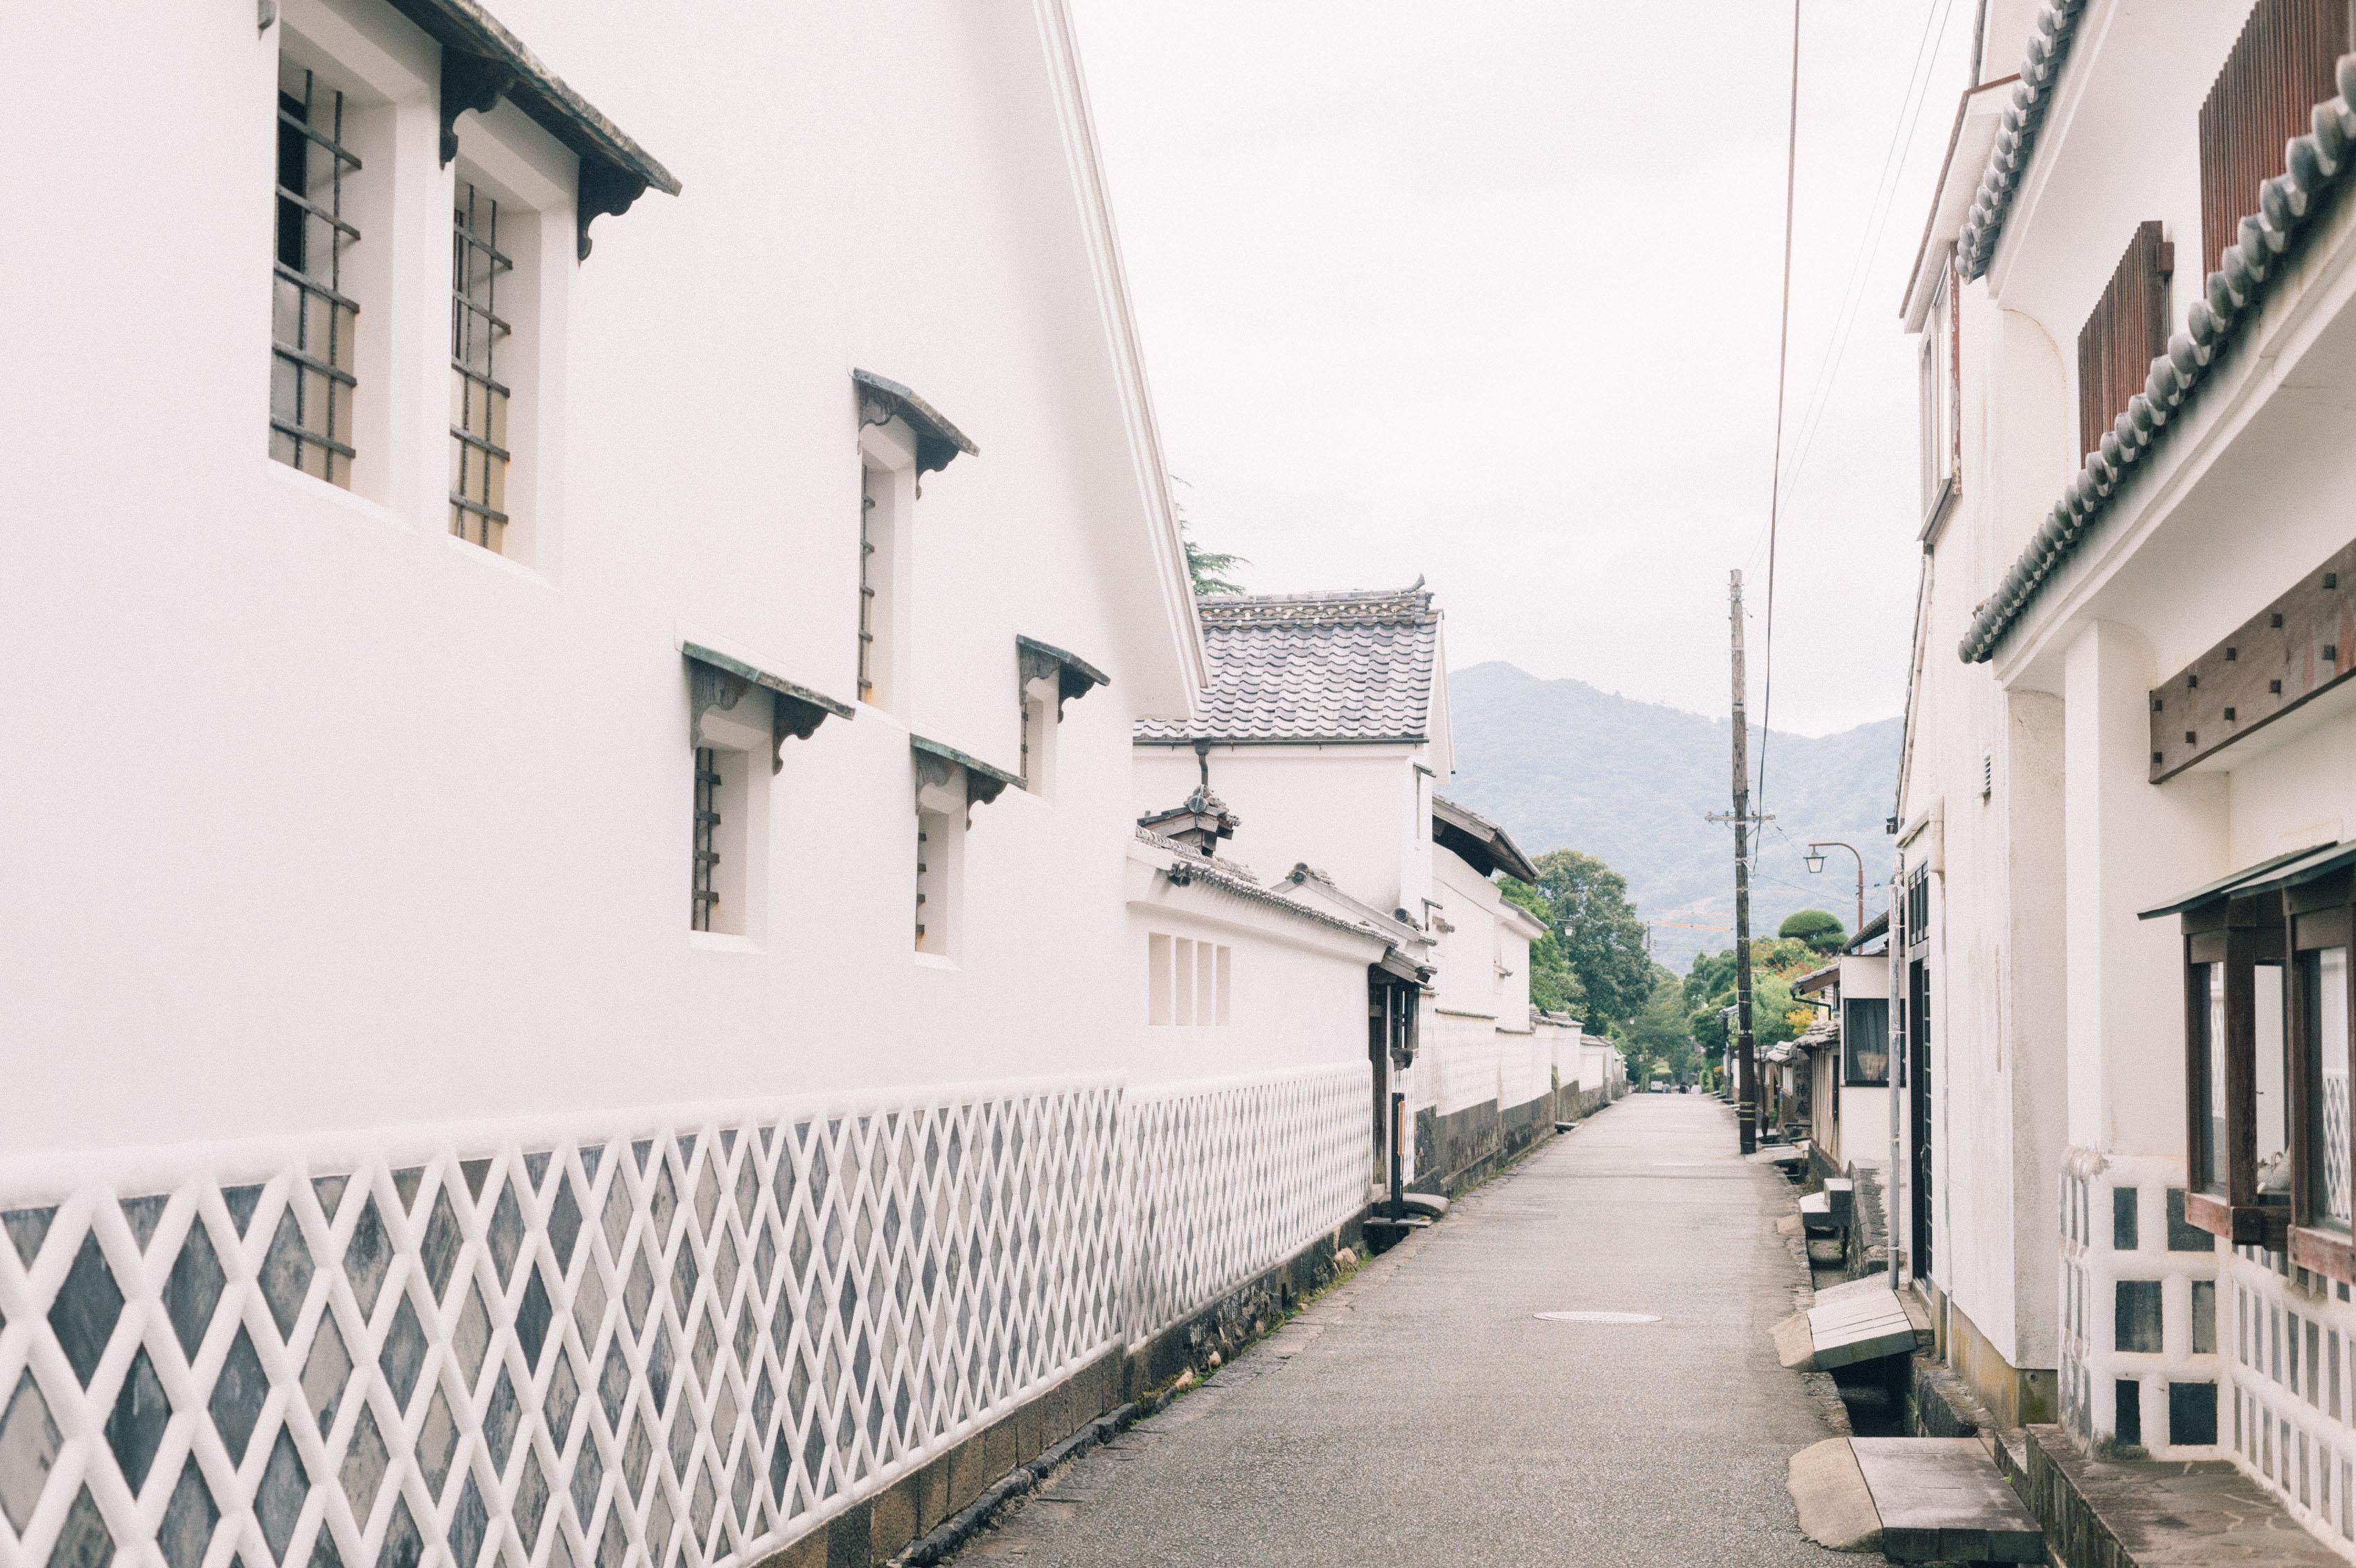 島根県もラスト、そして明治維新胎動の地、萩市まで。【市町村一周の旅】